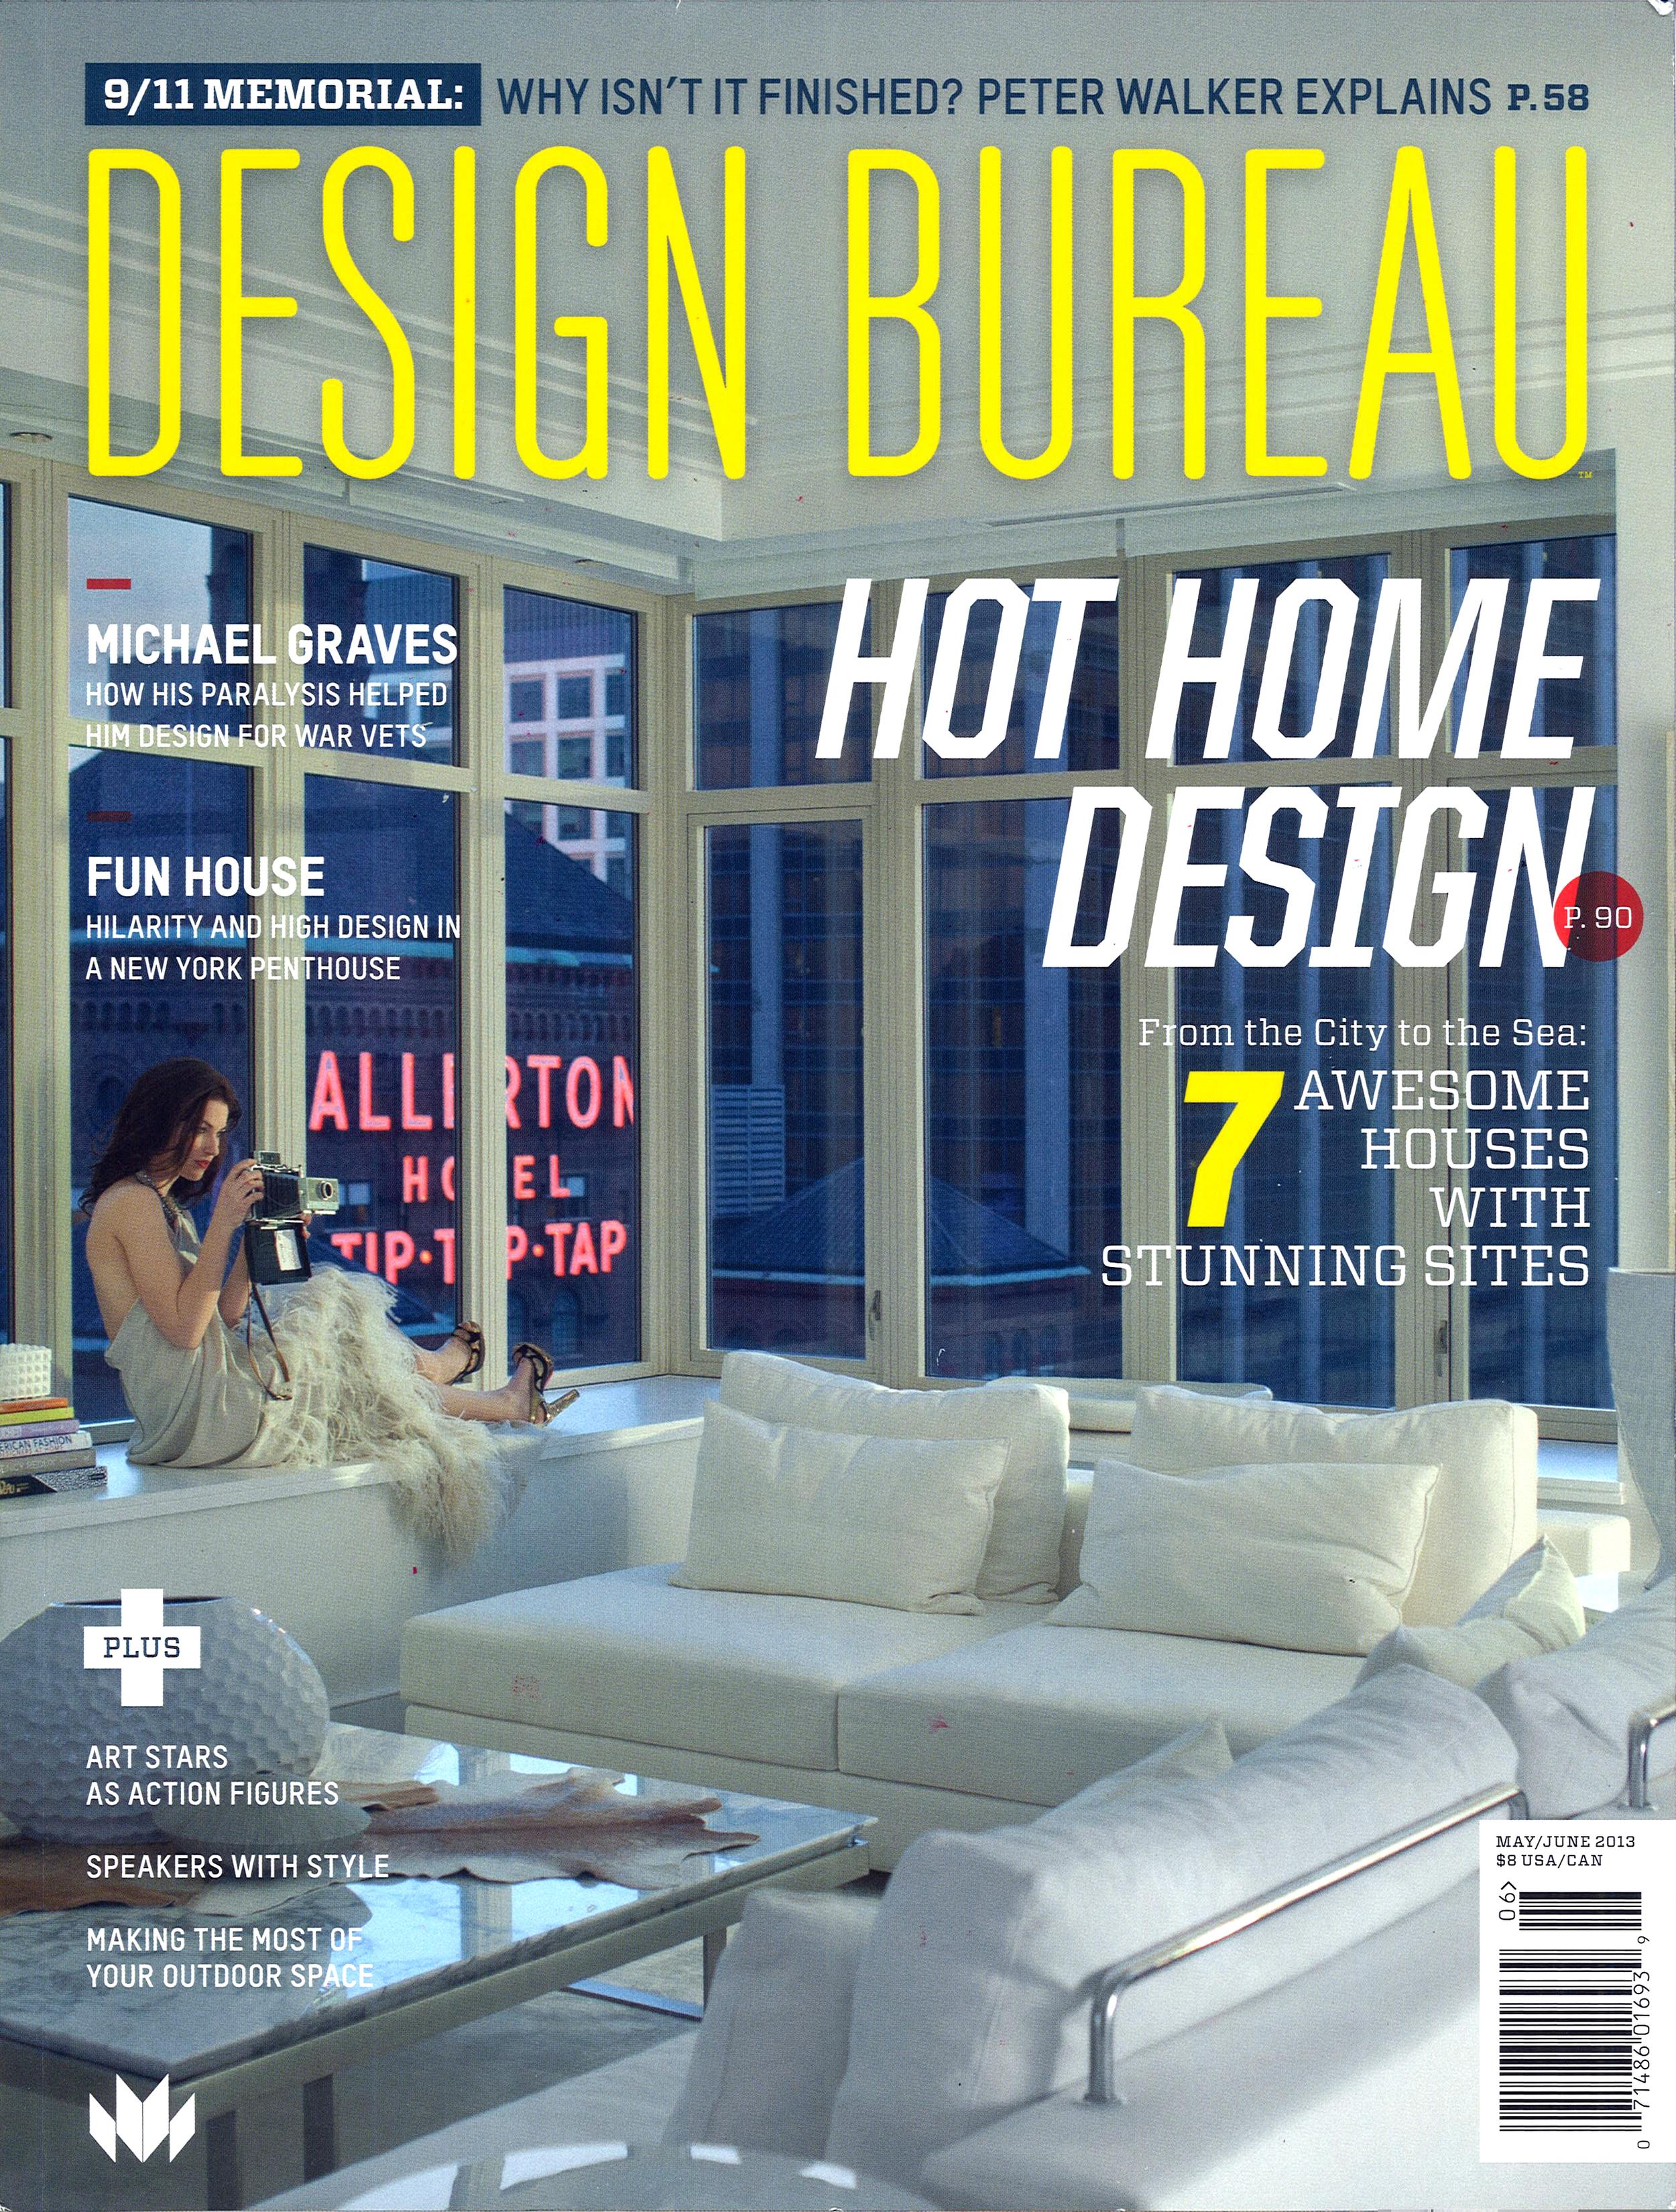 SkyHouse_DesignBureau_MayJune'13_Cover.jpg